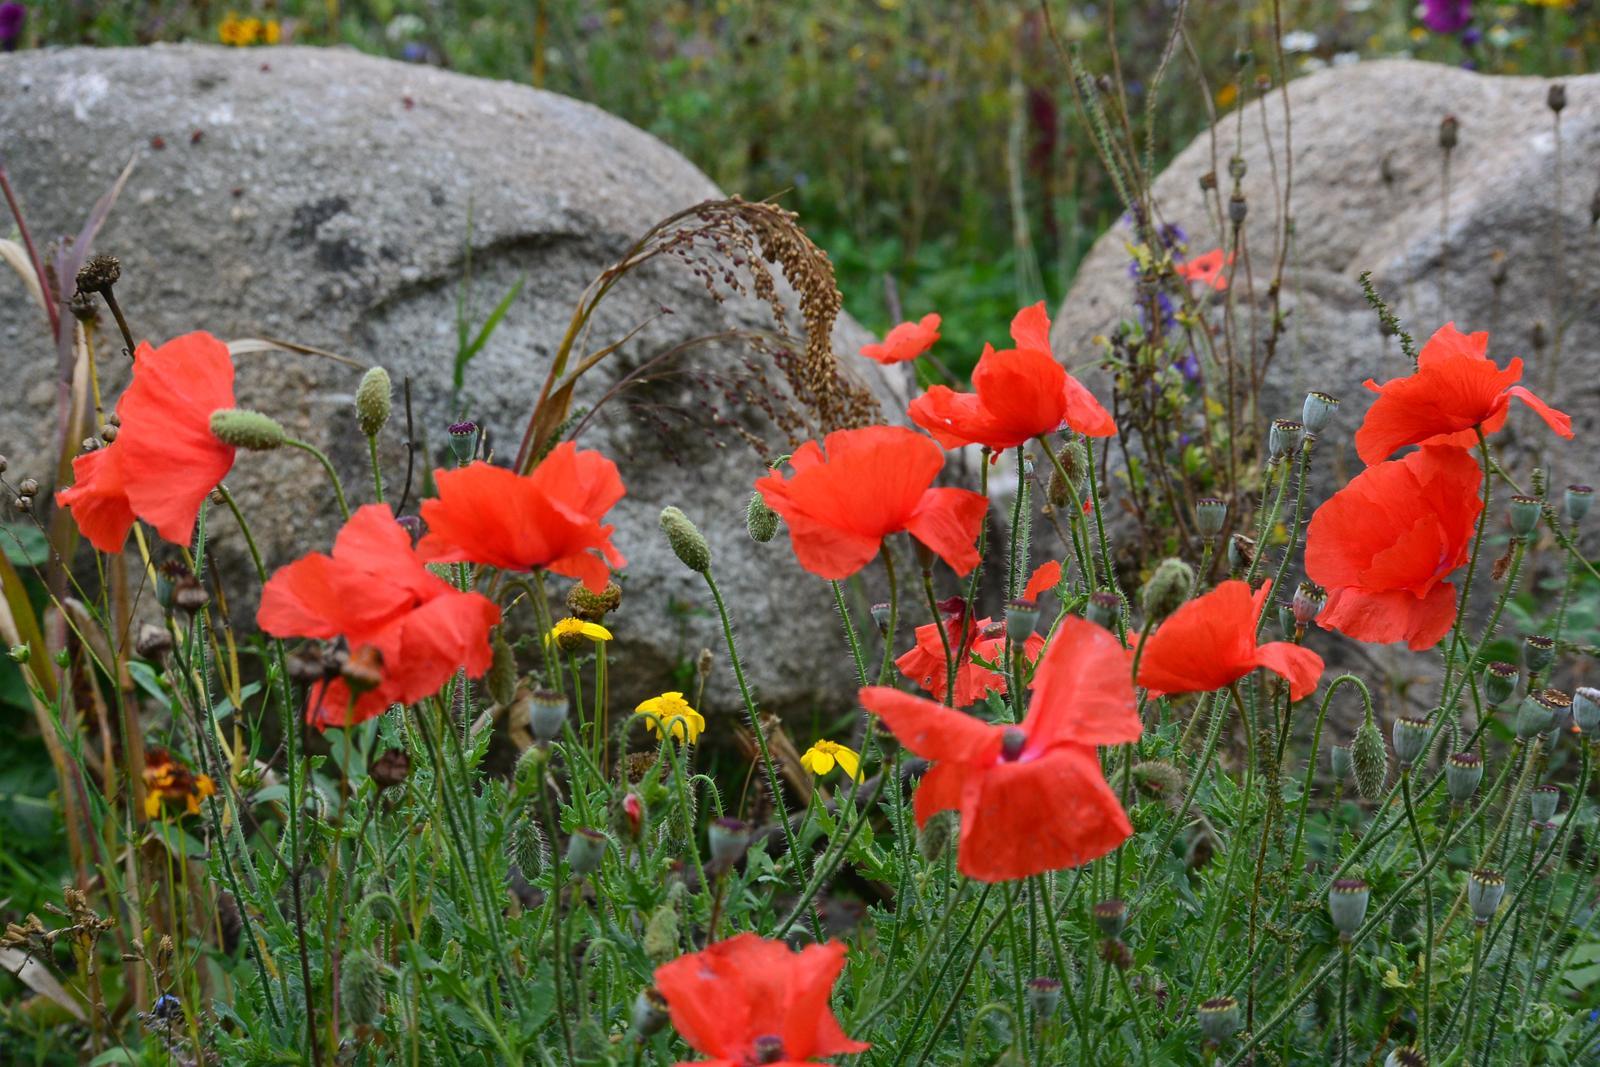 Motýlí zahrada 2019-2020 - Tolik krásných květin co mi vyrostlo na louce takový malý velký zázrak pro někoho kdo žil v paneláku. :-)